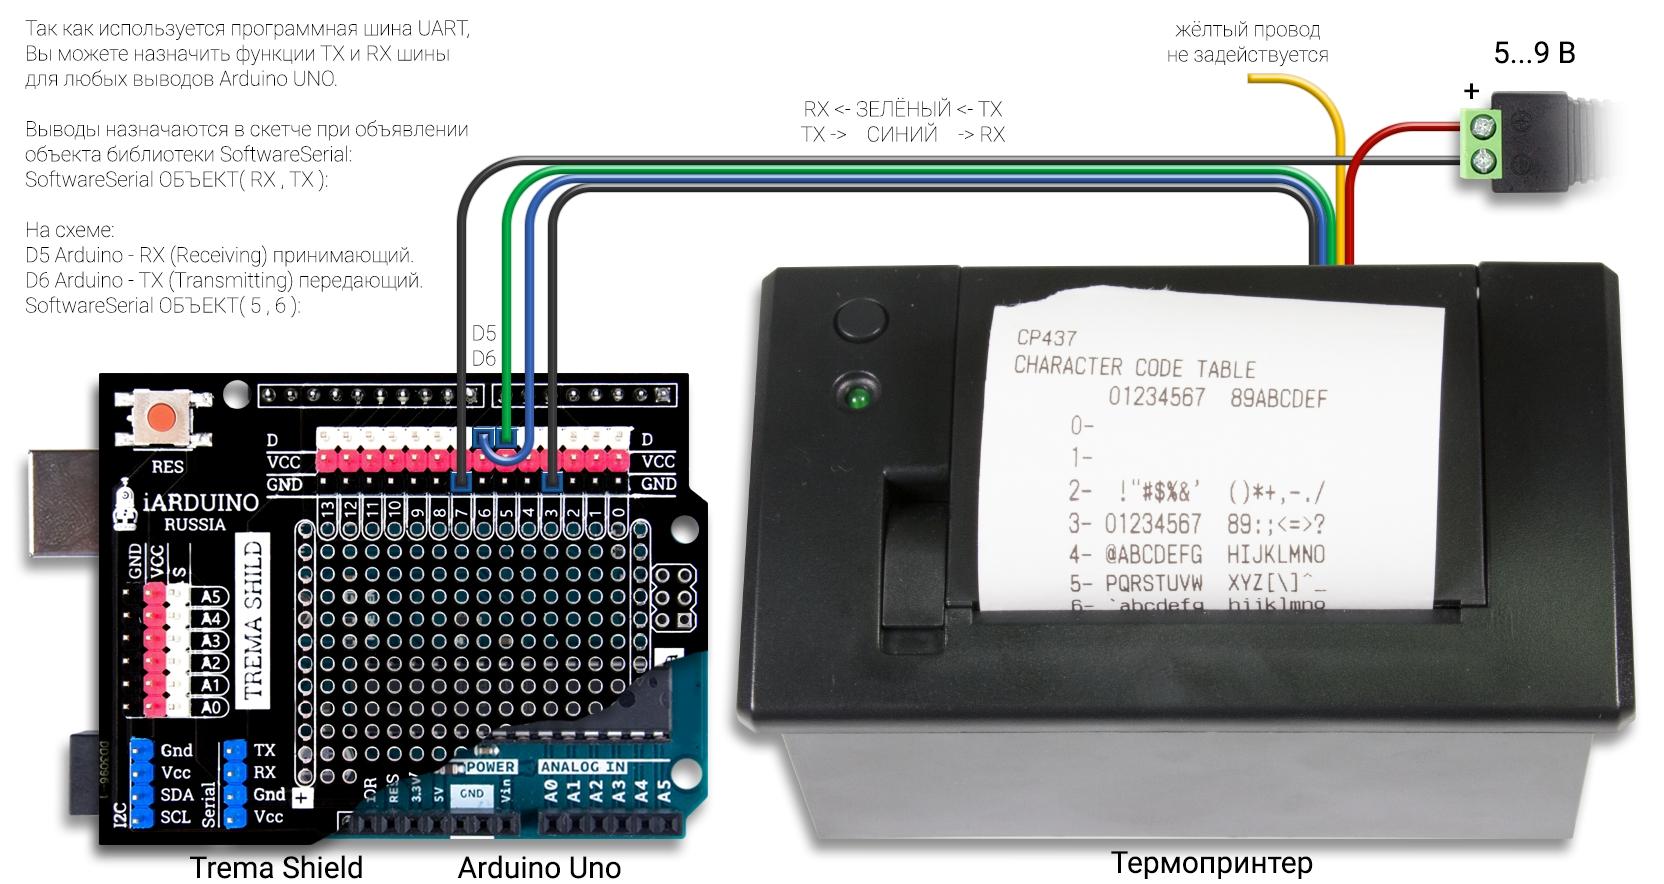 Подключение термопринтера к Arduino UNO